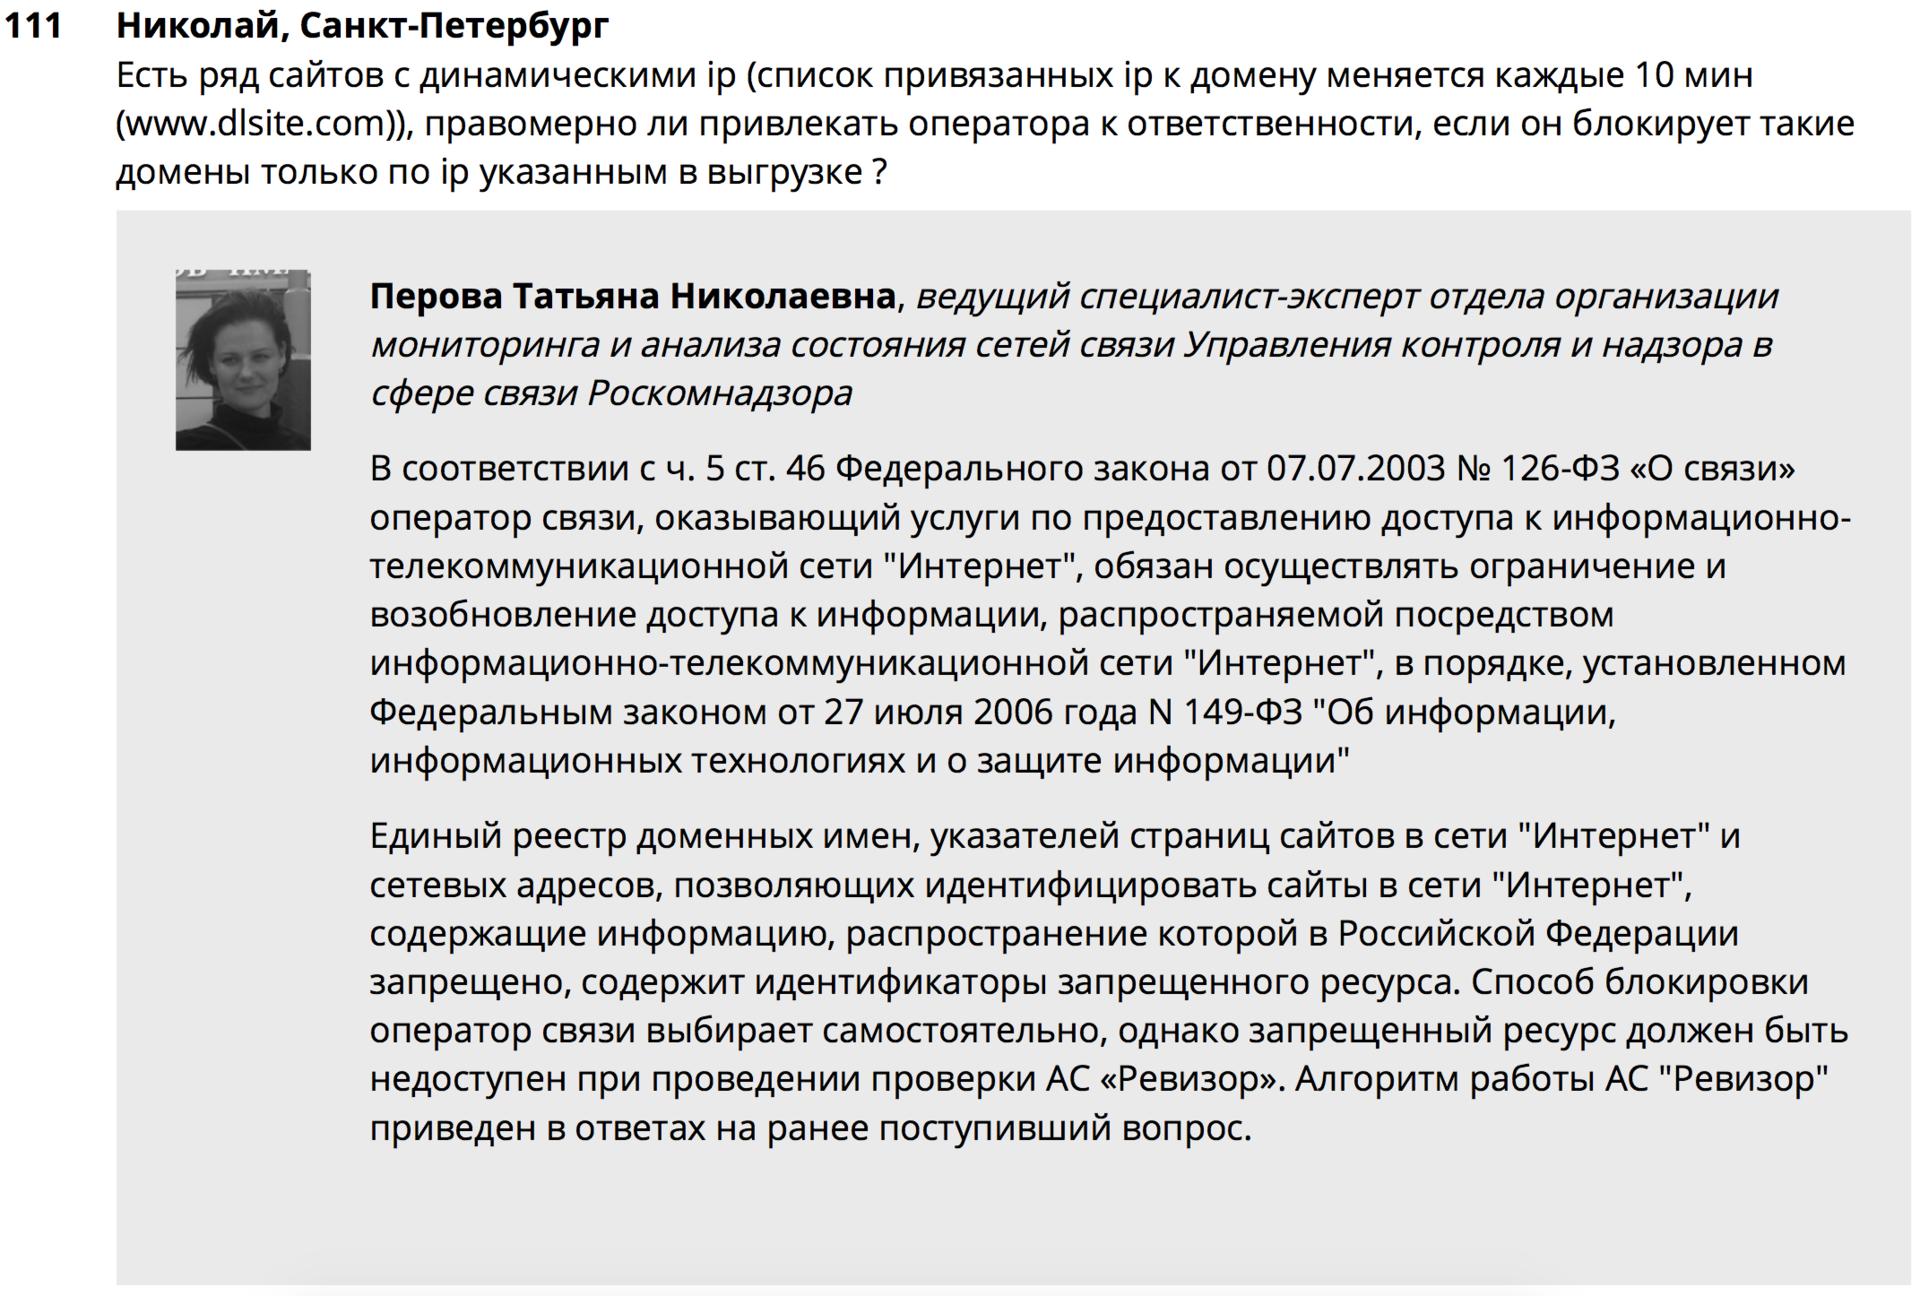 Анализ он-лайн конференций РКН на тему: «проблемные вопросы ограничения доступа к информации...» - 15